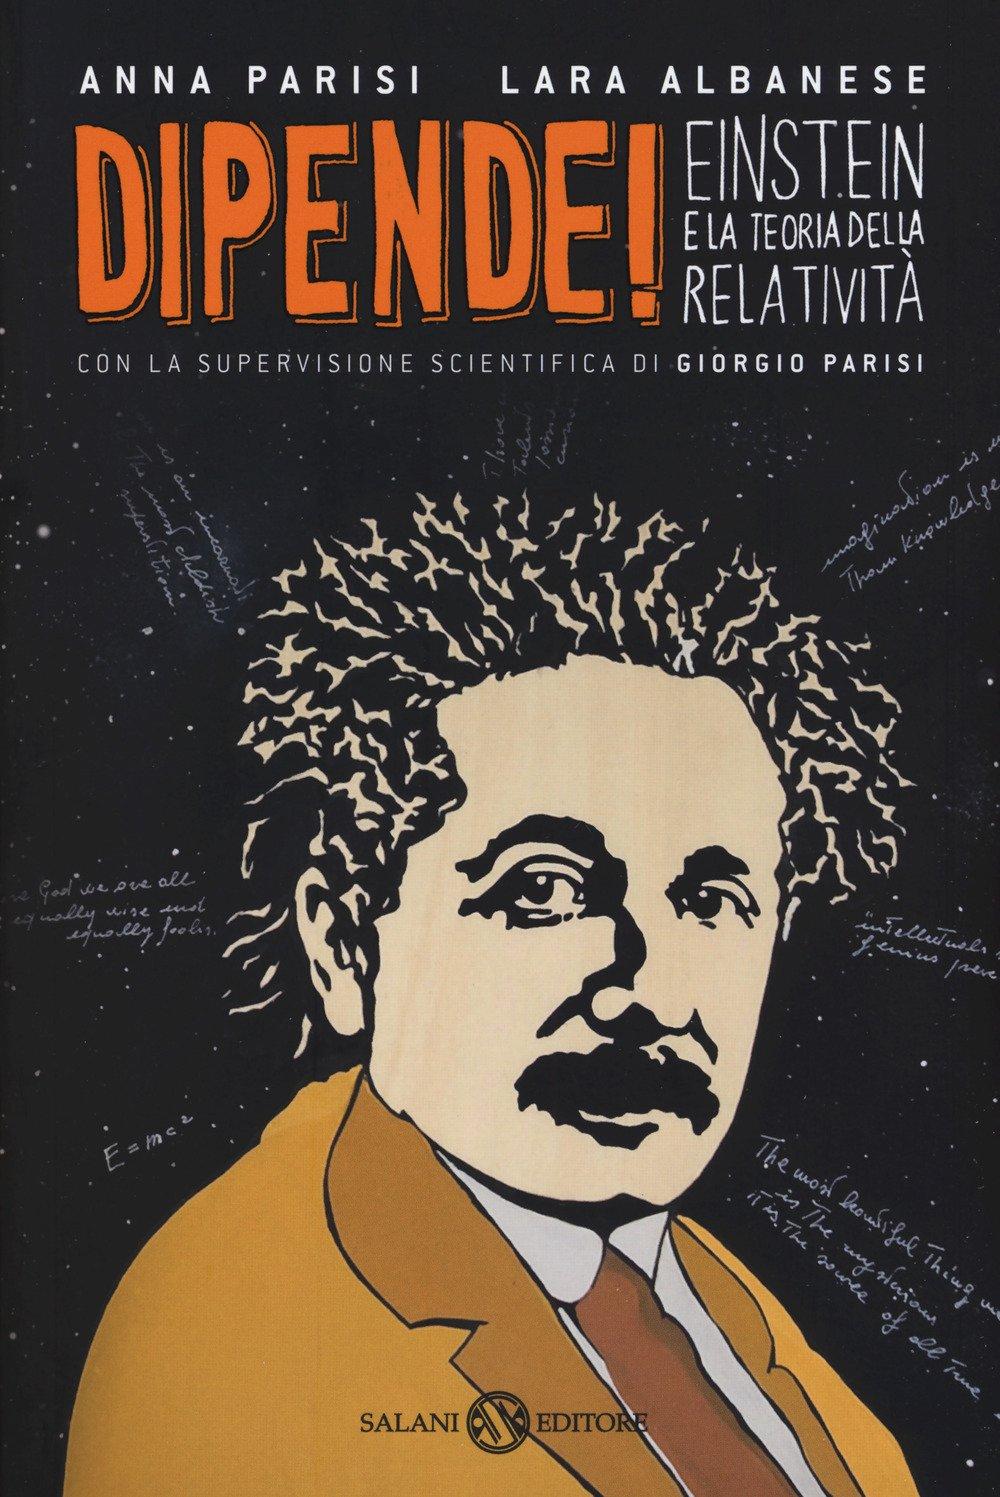 Dipende! Einstein e la teoria della relatività (recensione)